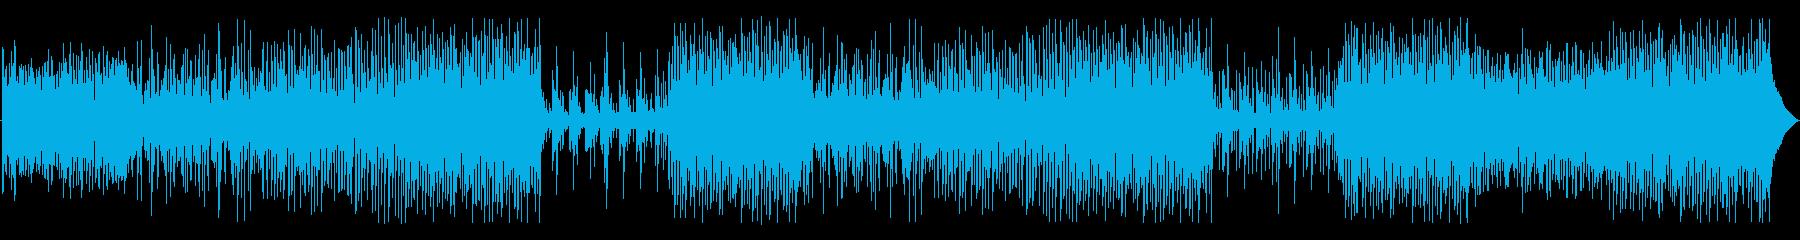 モダンな要素と伝統的な要素がミック...の再生済みの波形